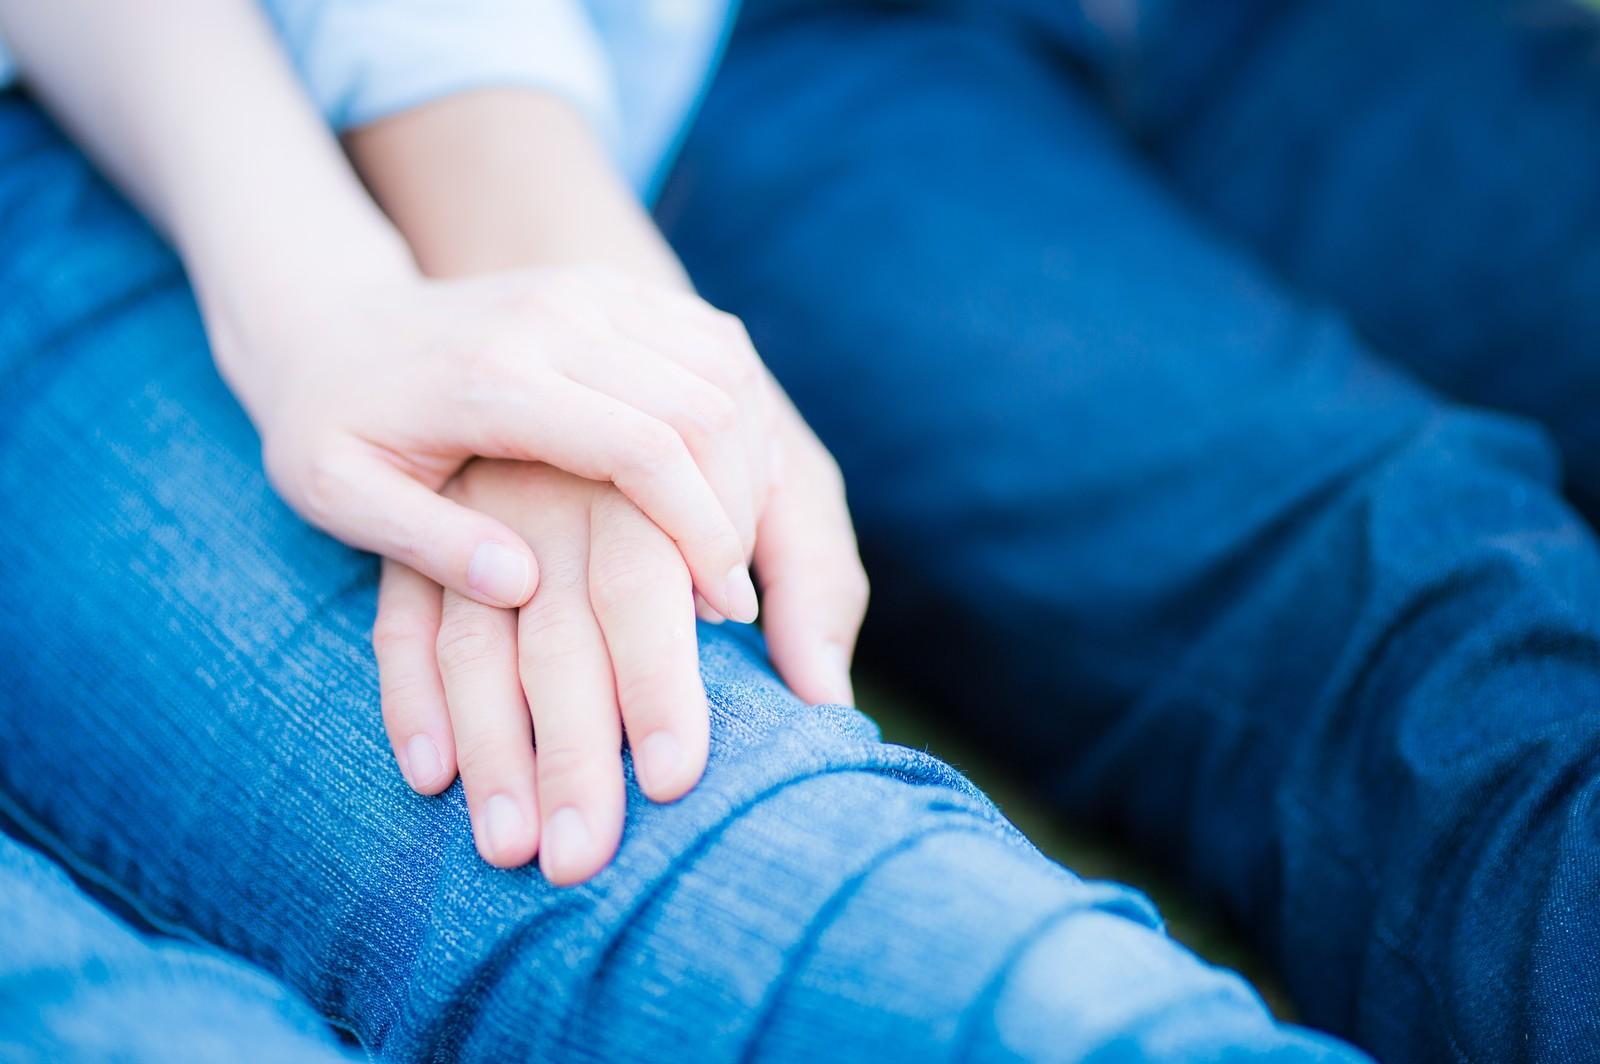 てんかんの男性は女性が理解し支えてくれる人を選ぶと結婚へ結びつく